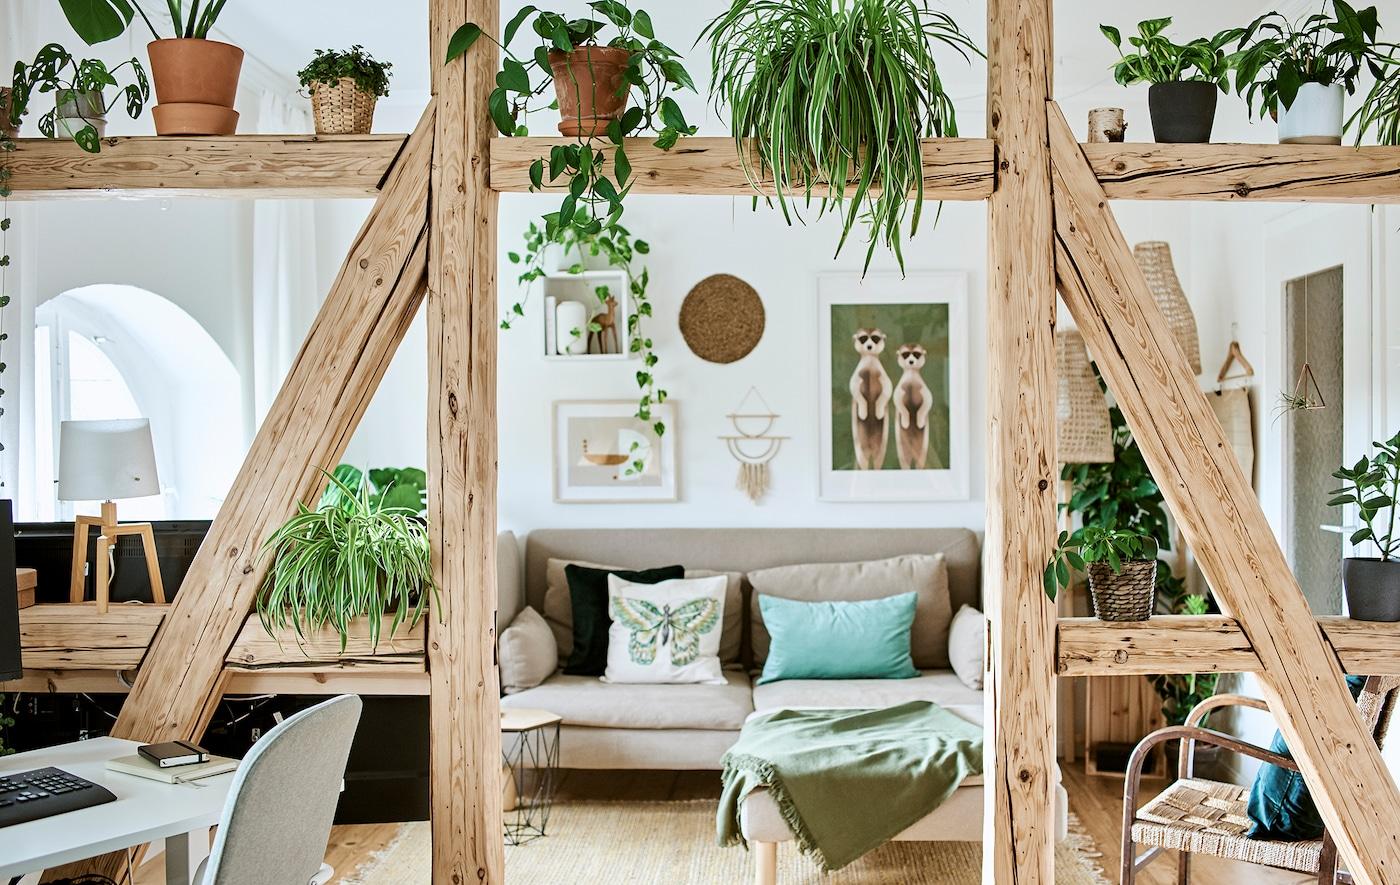 Vardagsrum med beige soffa och gröna kuddar vid en vägg med tavlor, A-formade bjälkar och växter fungerar som rumsavdelare för en arbetshörna.